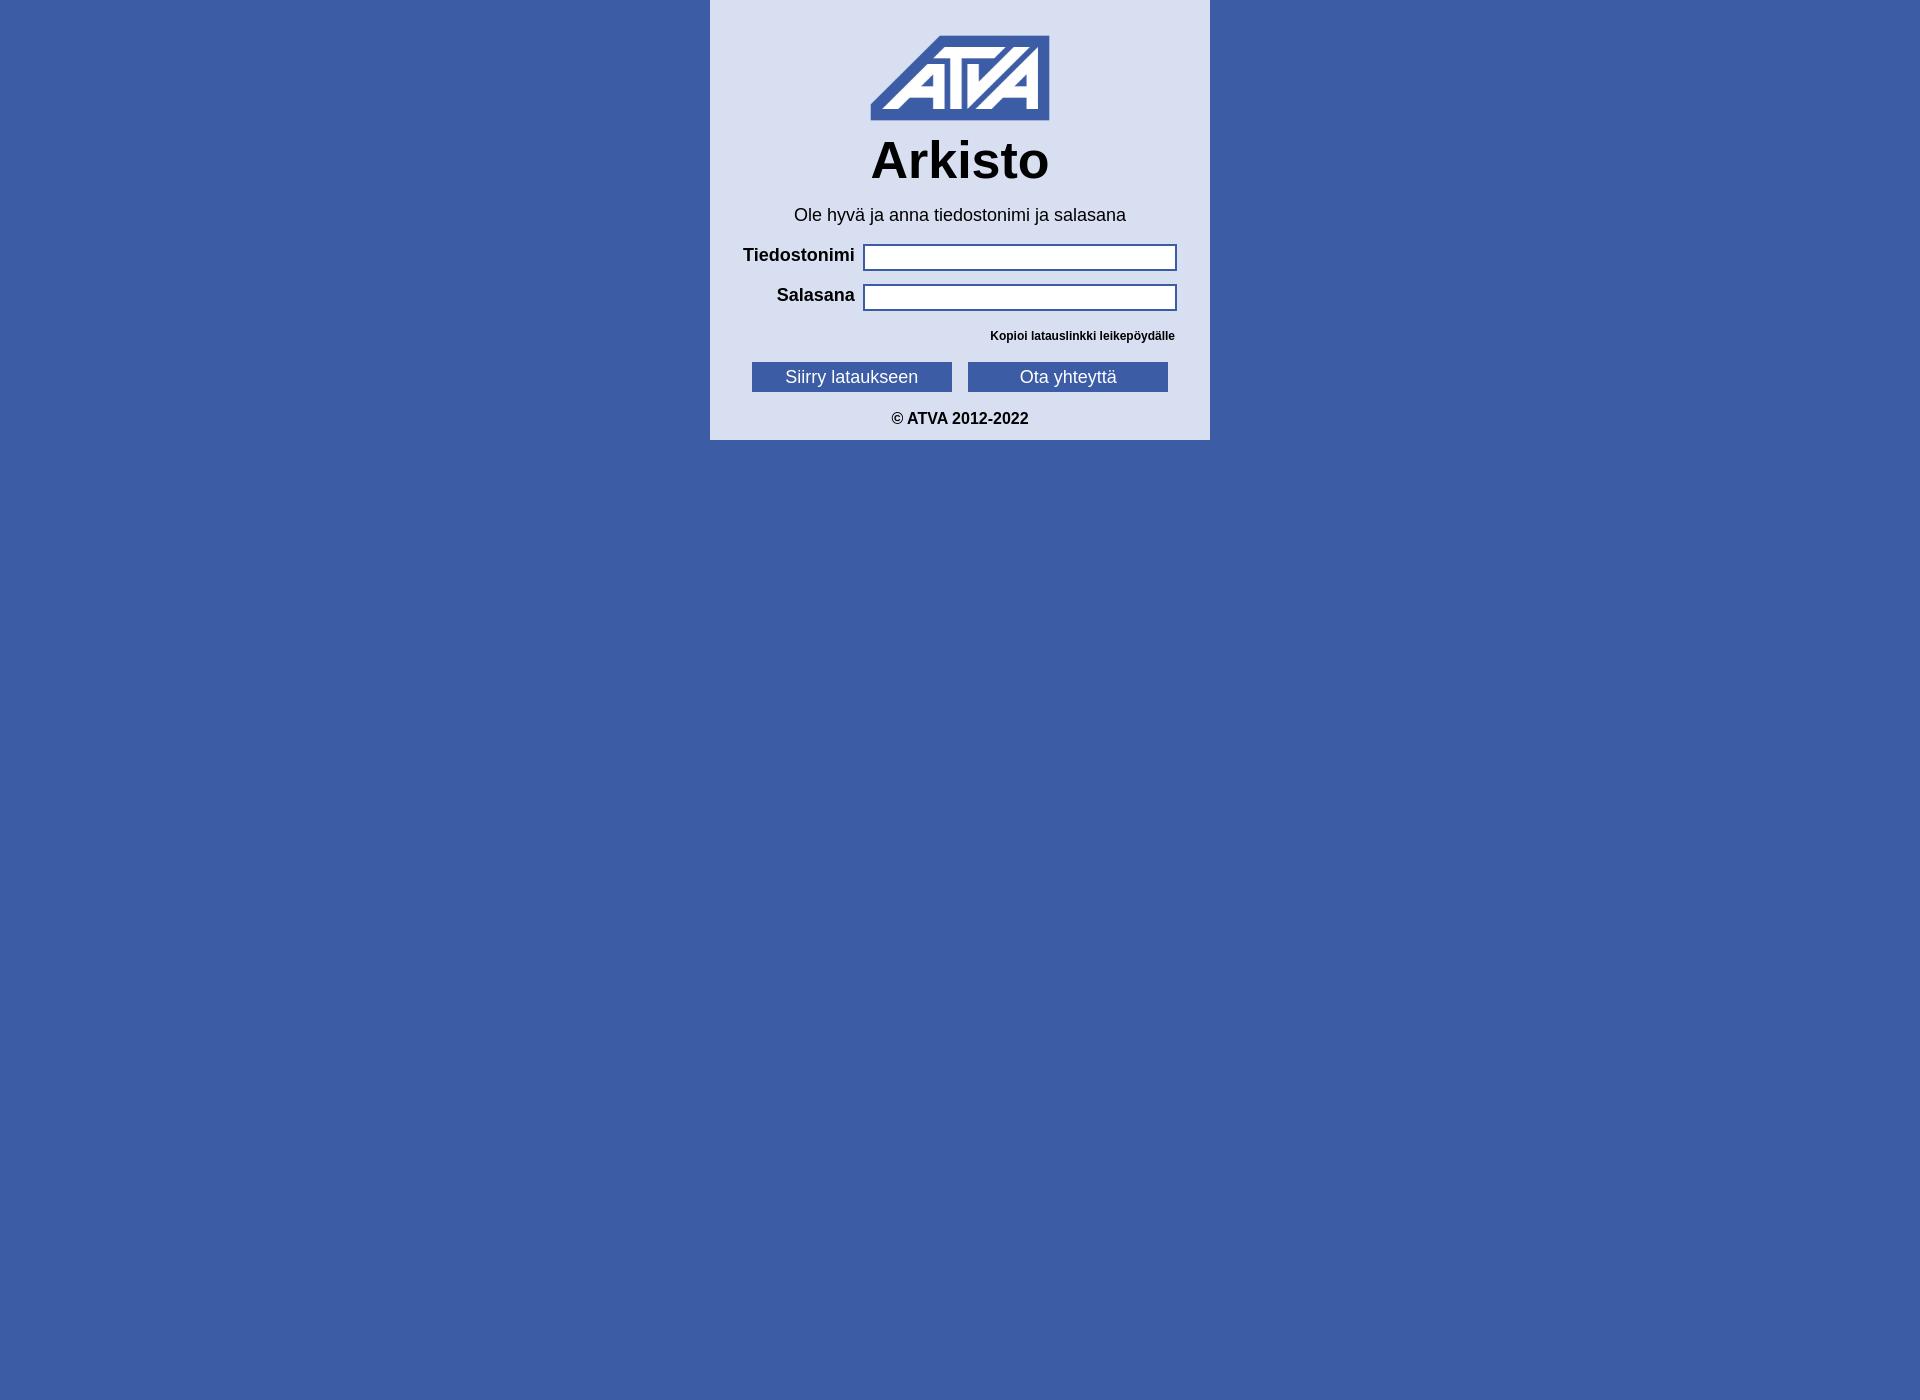 Screenshot for vuohimies.fi